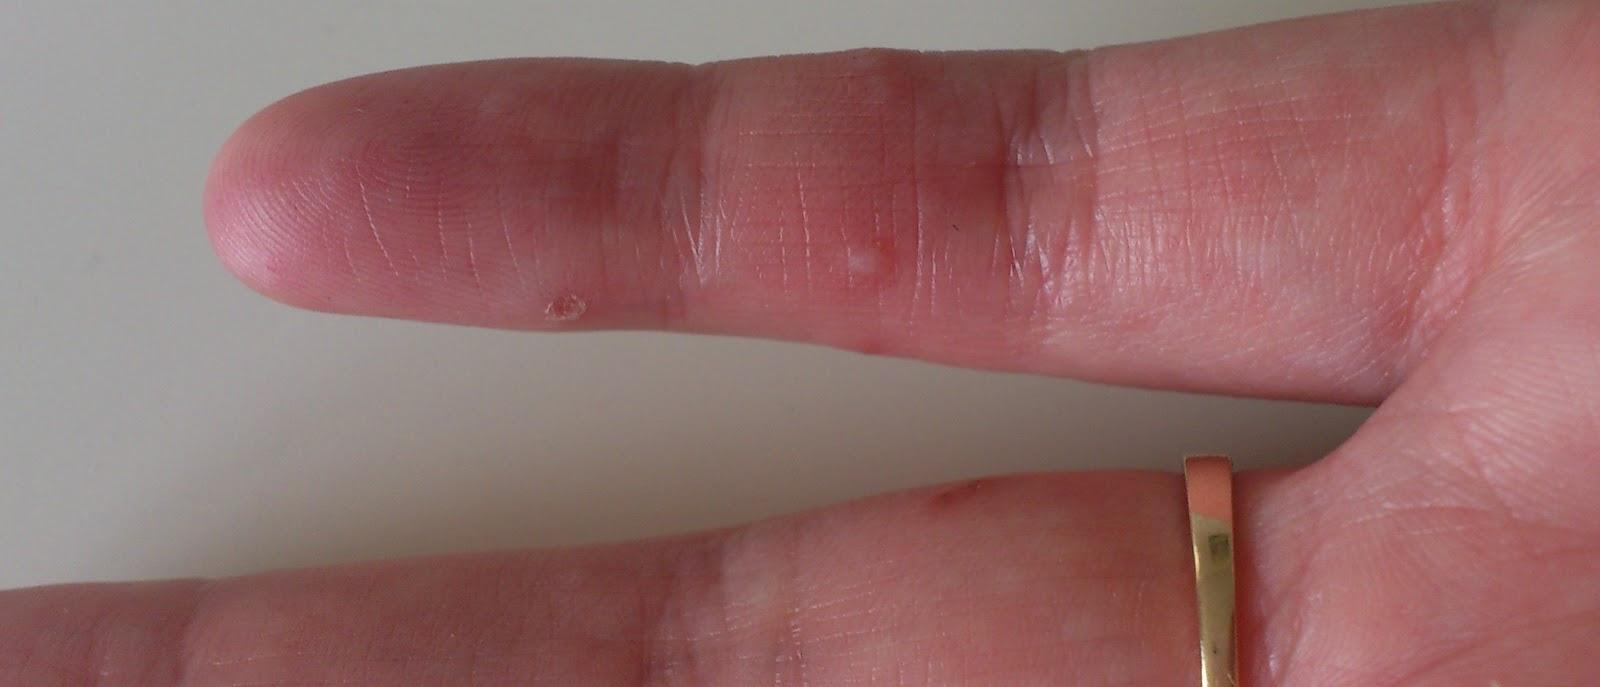 svamp på hænderne